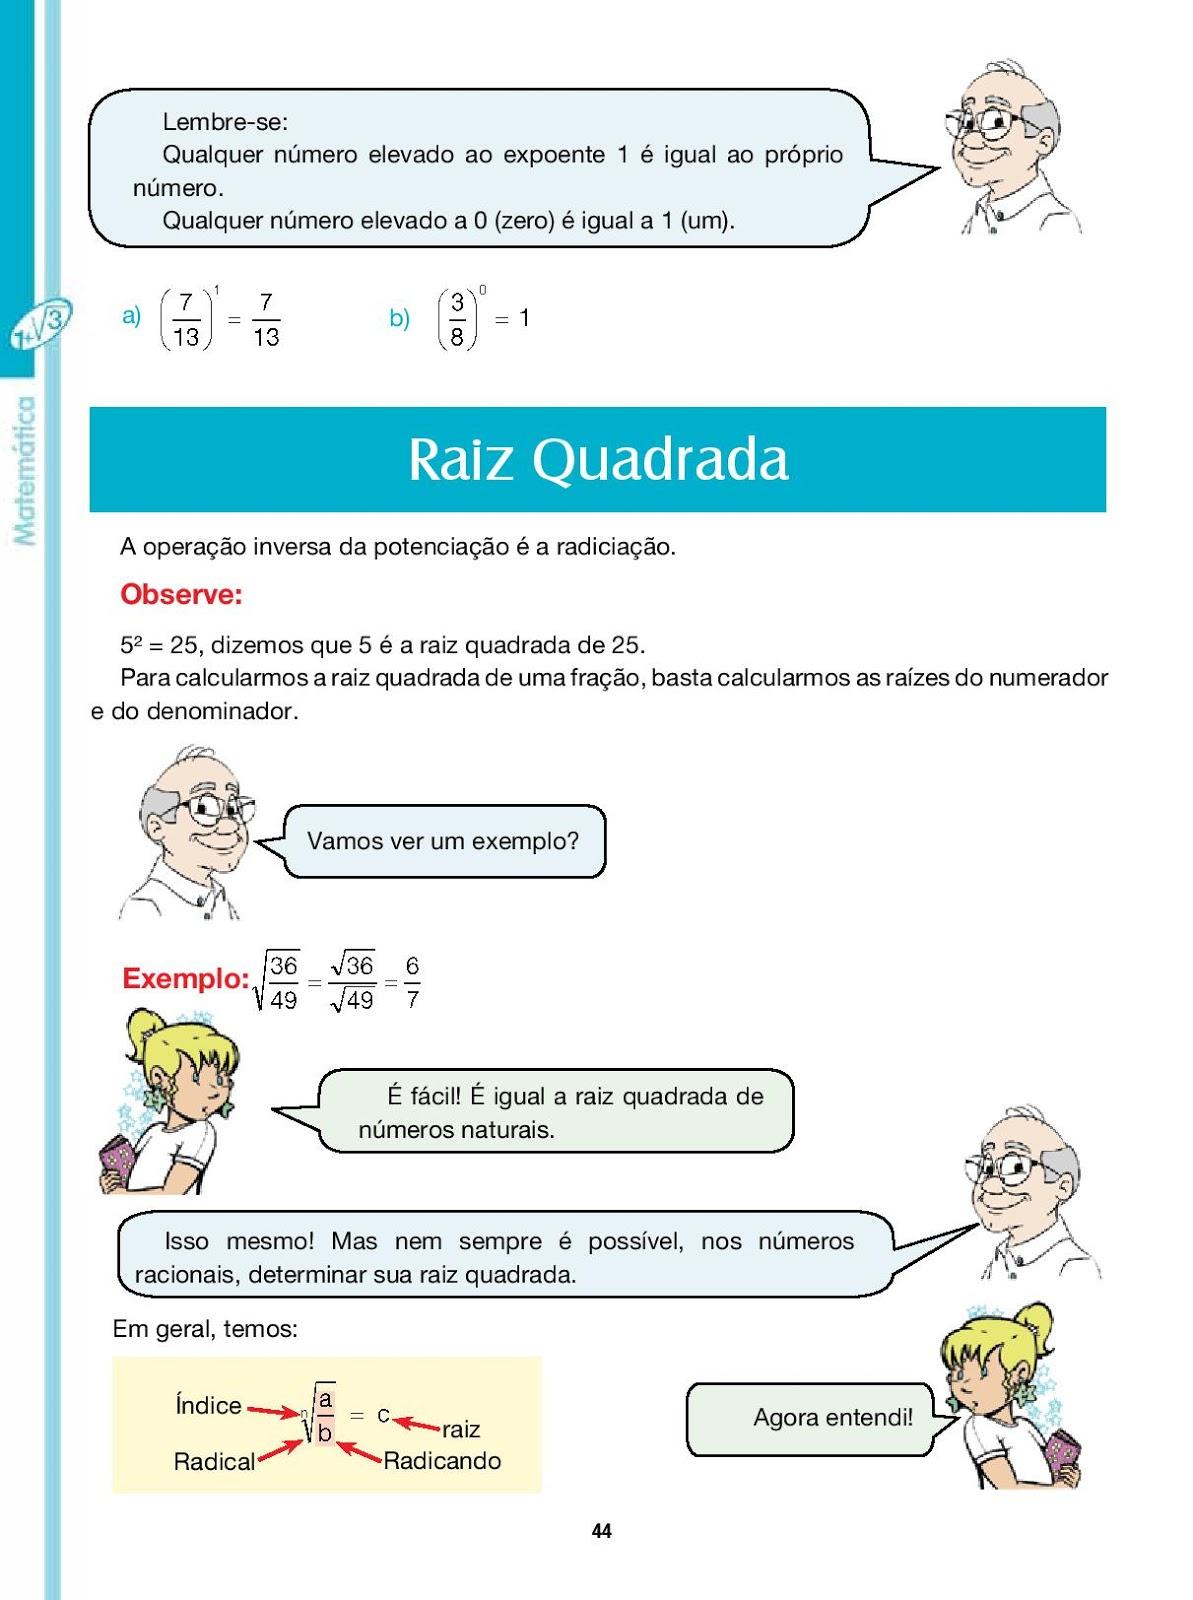 Exercicios problemas de matematica